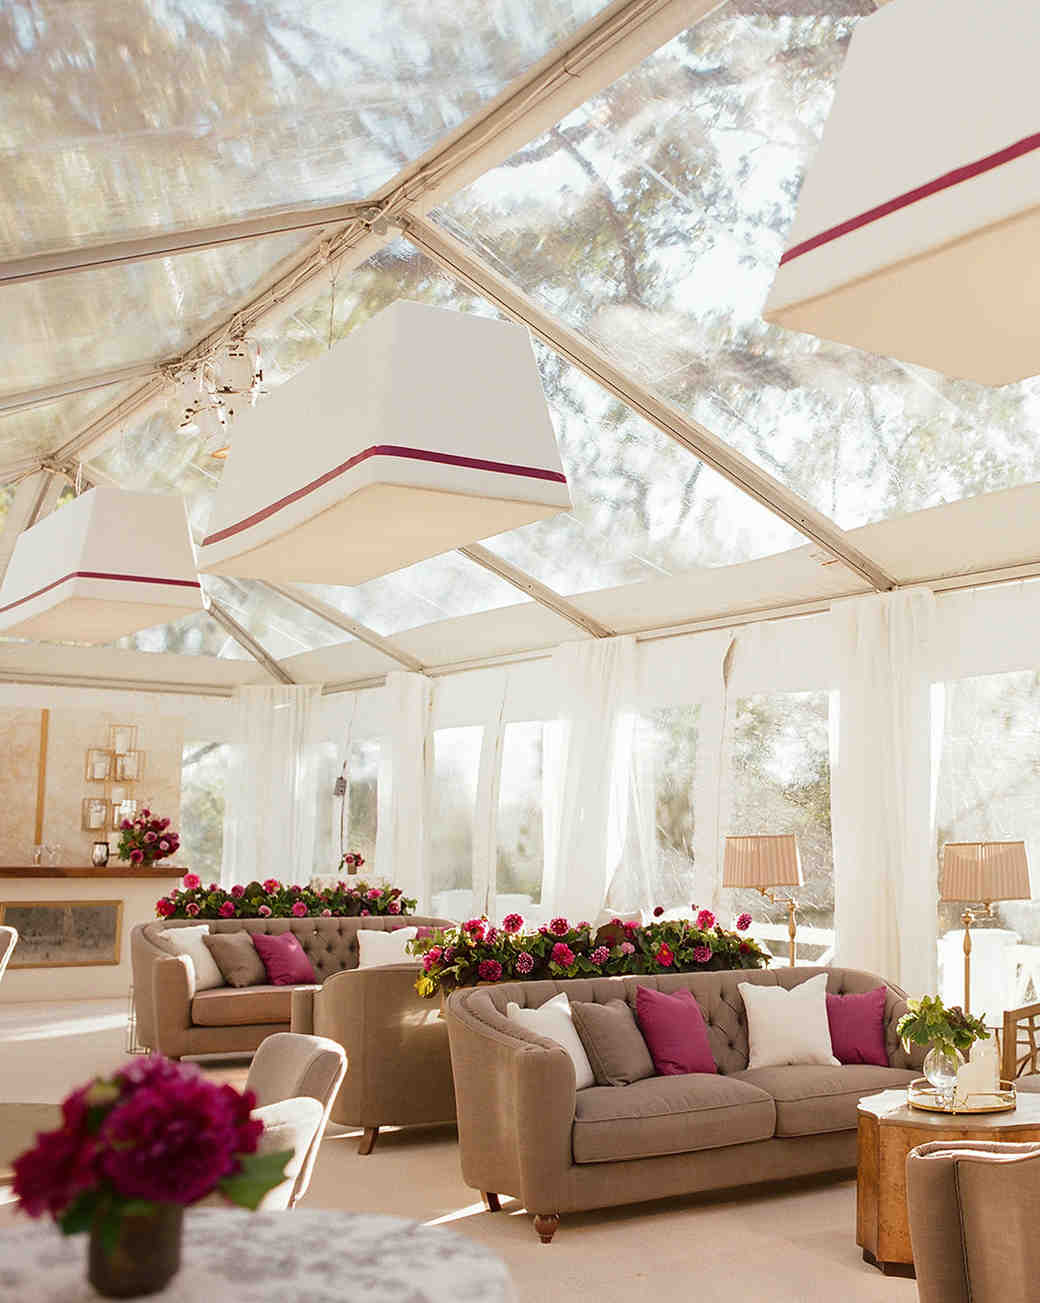 Transluscent Tent